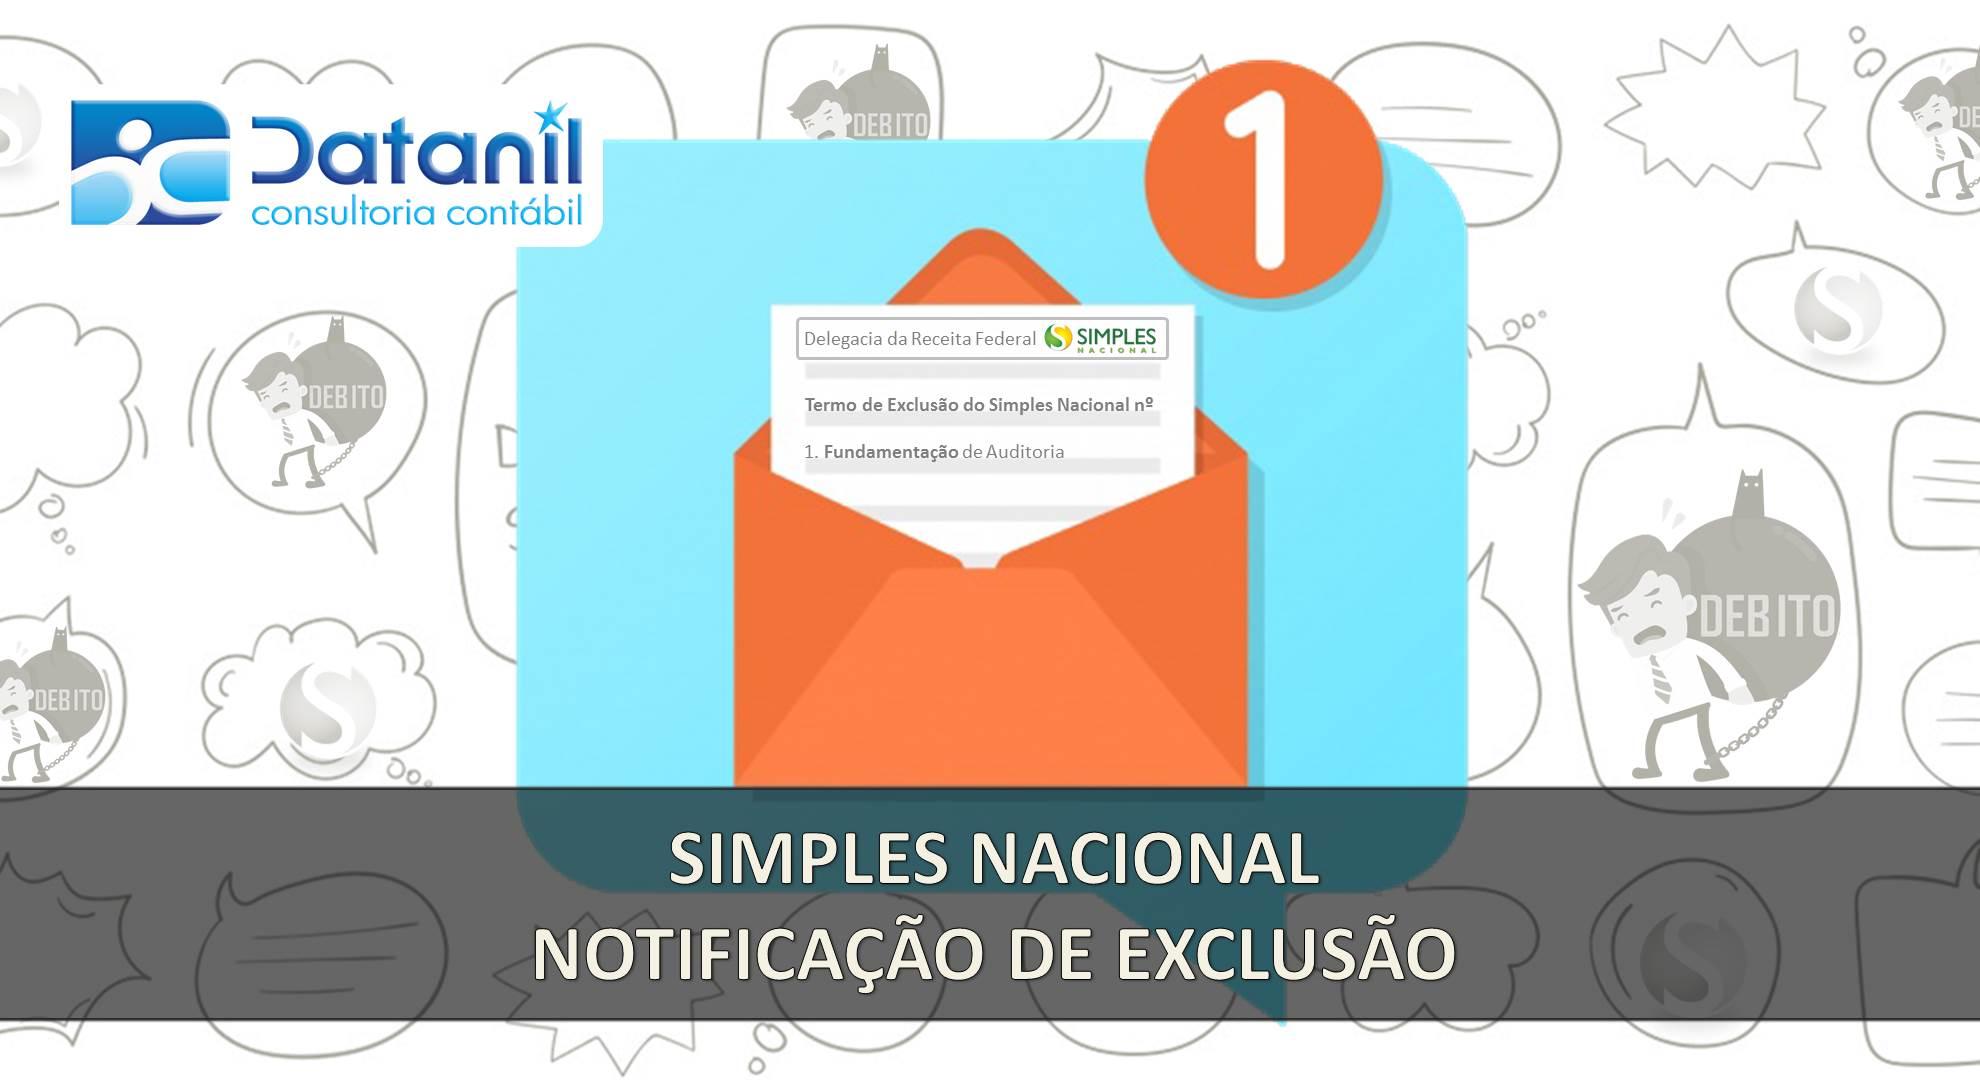 Simples Nacional – Notificação De Exclusão